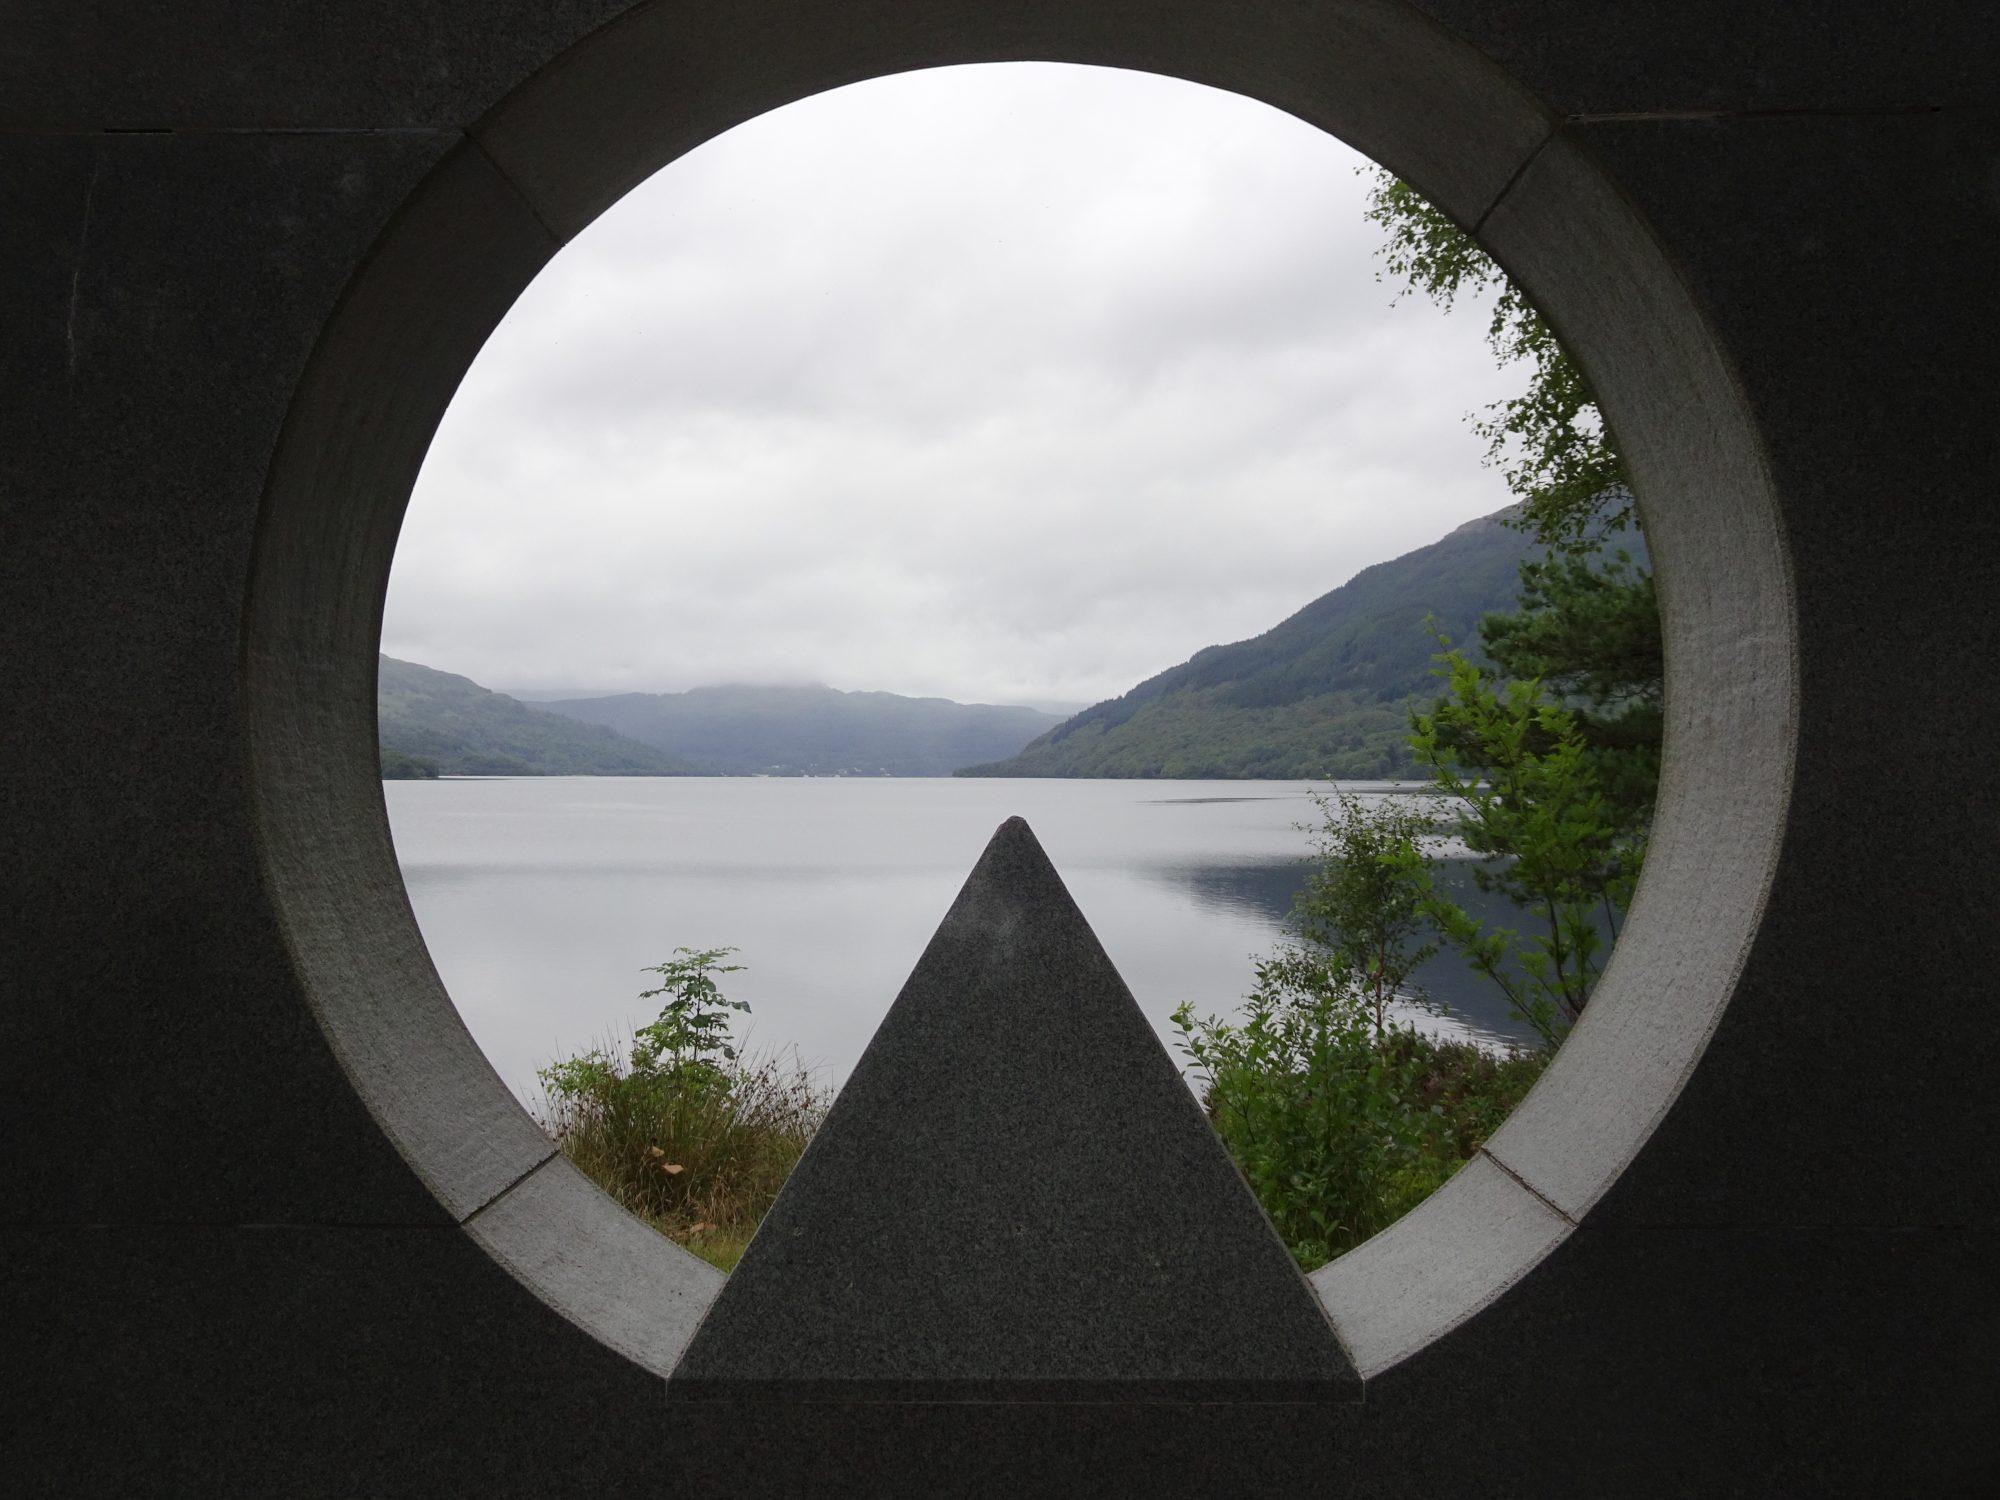 Kriegsdenkmal mit Blick auf den Loch Lomond, West Highland Way, Schottland, Wanderung, Weitwandern, Trekking, Highlands